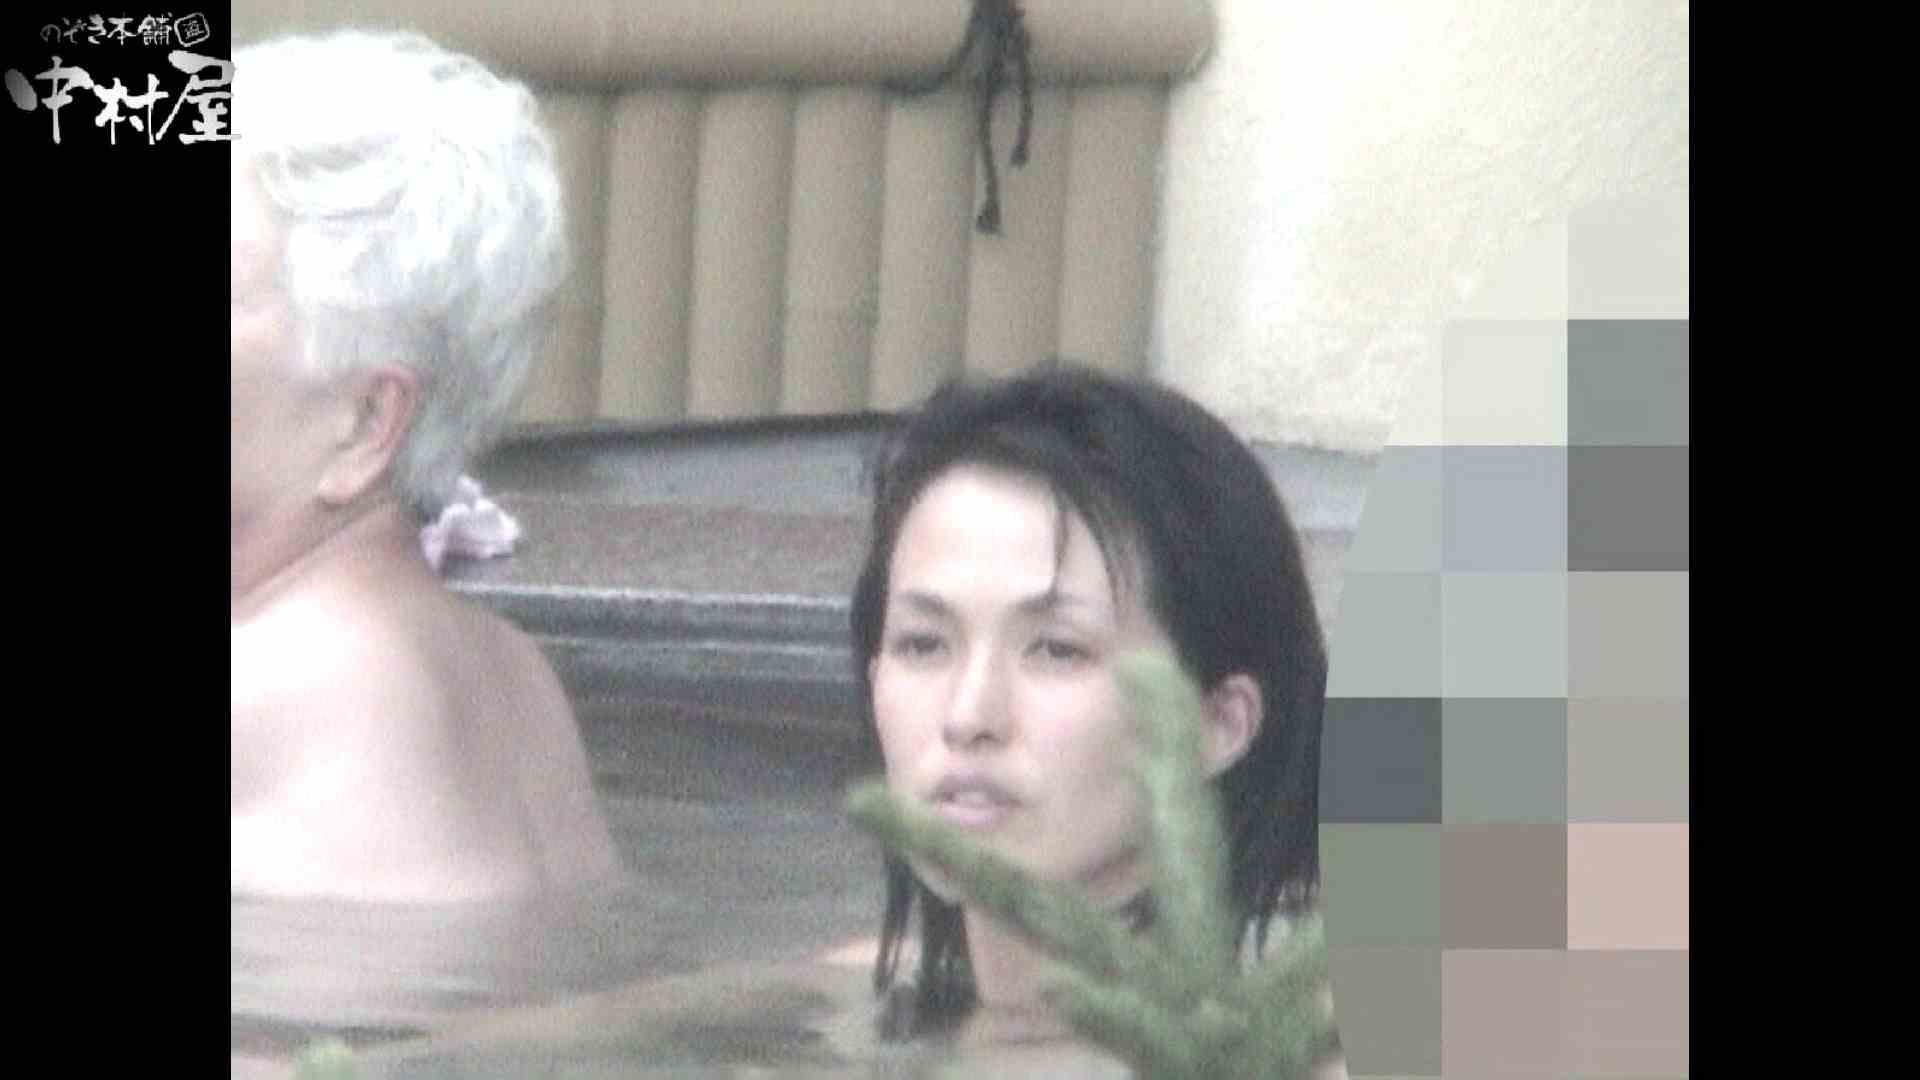 Aquaな露天風呂Vol.933 OLエロ画像   露天  78PICs 73